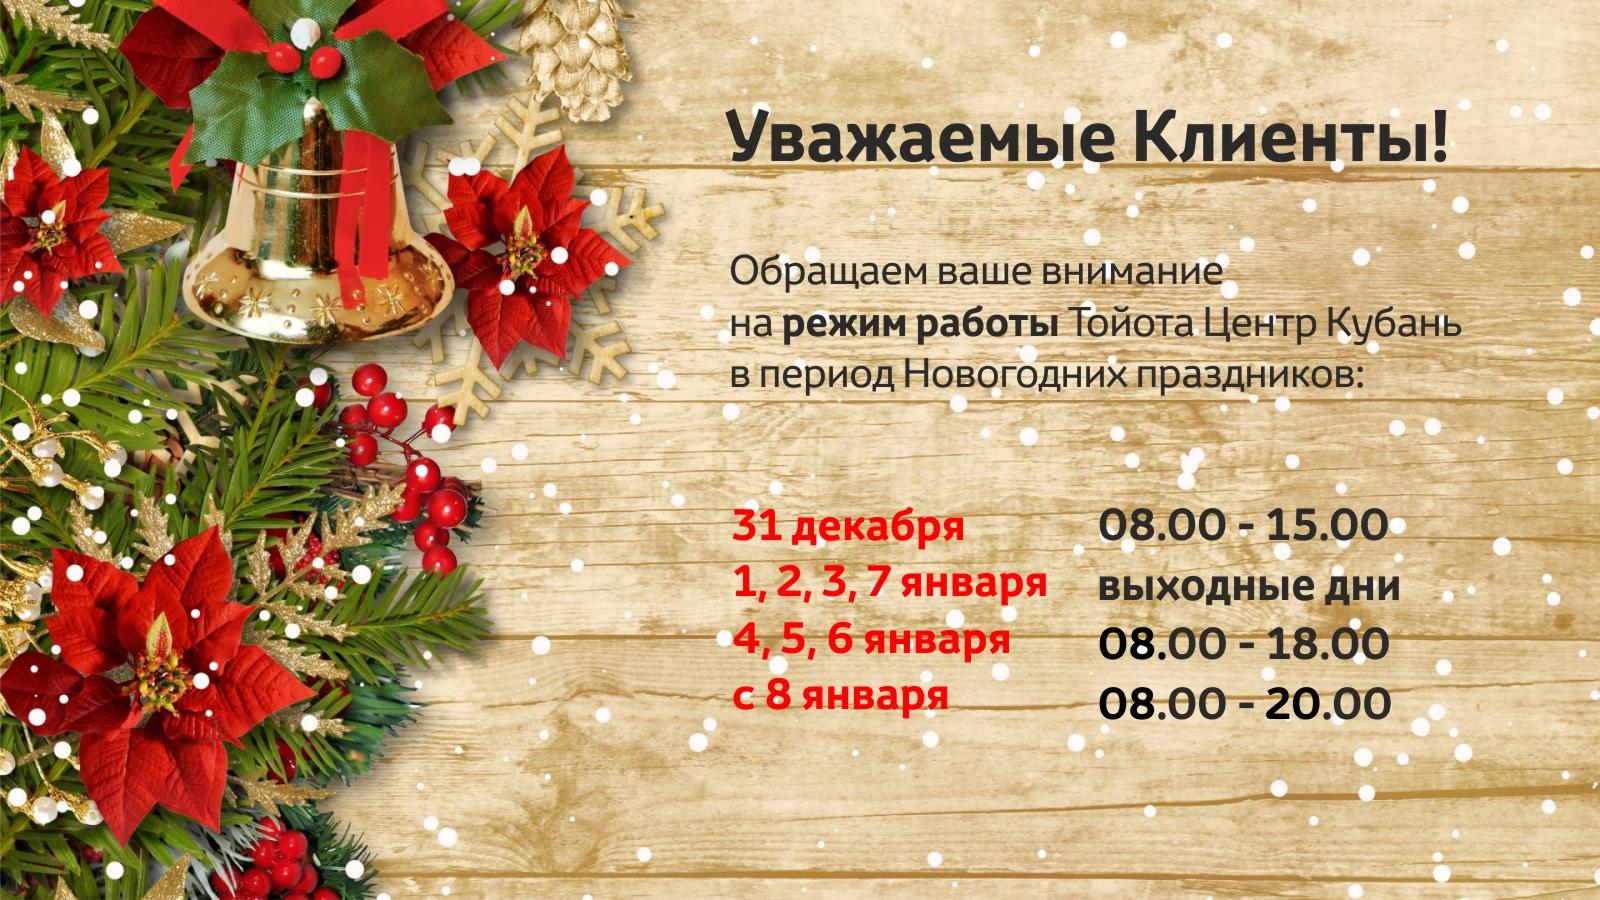 кубань кредит работа в новогодние праздники 2020 займ на карту без проверок онлайн mega-zaimer.ru